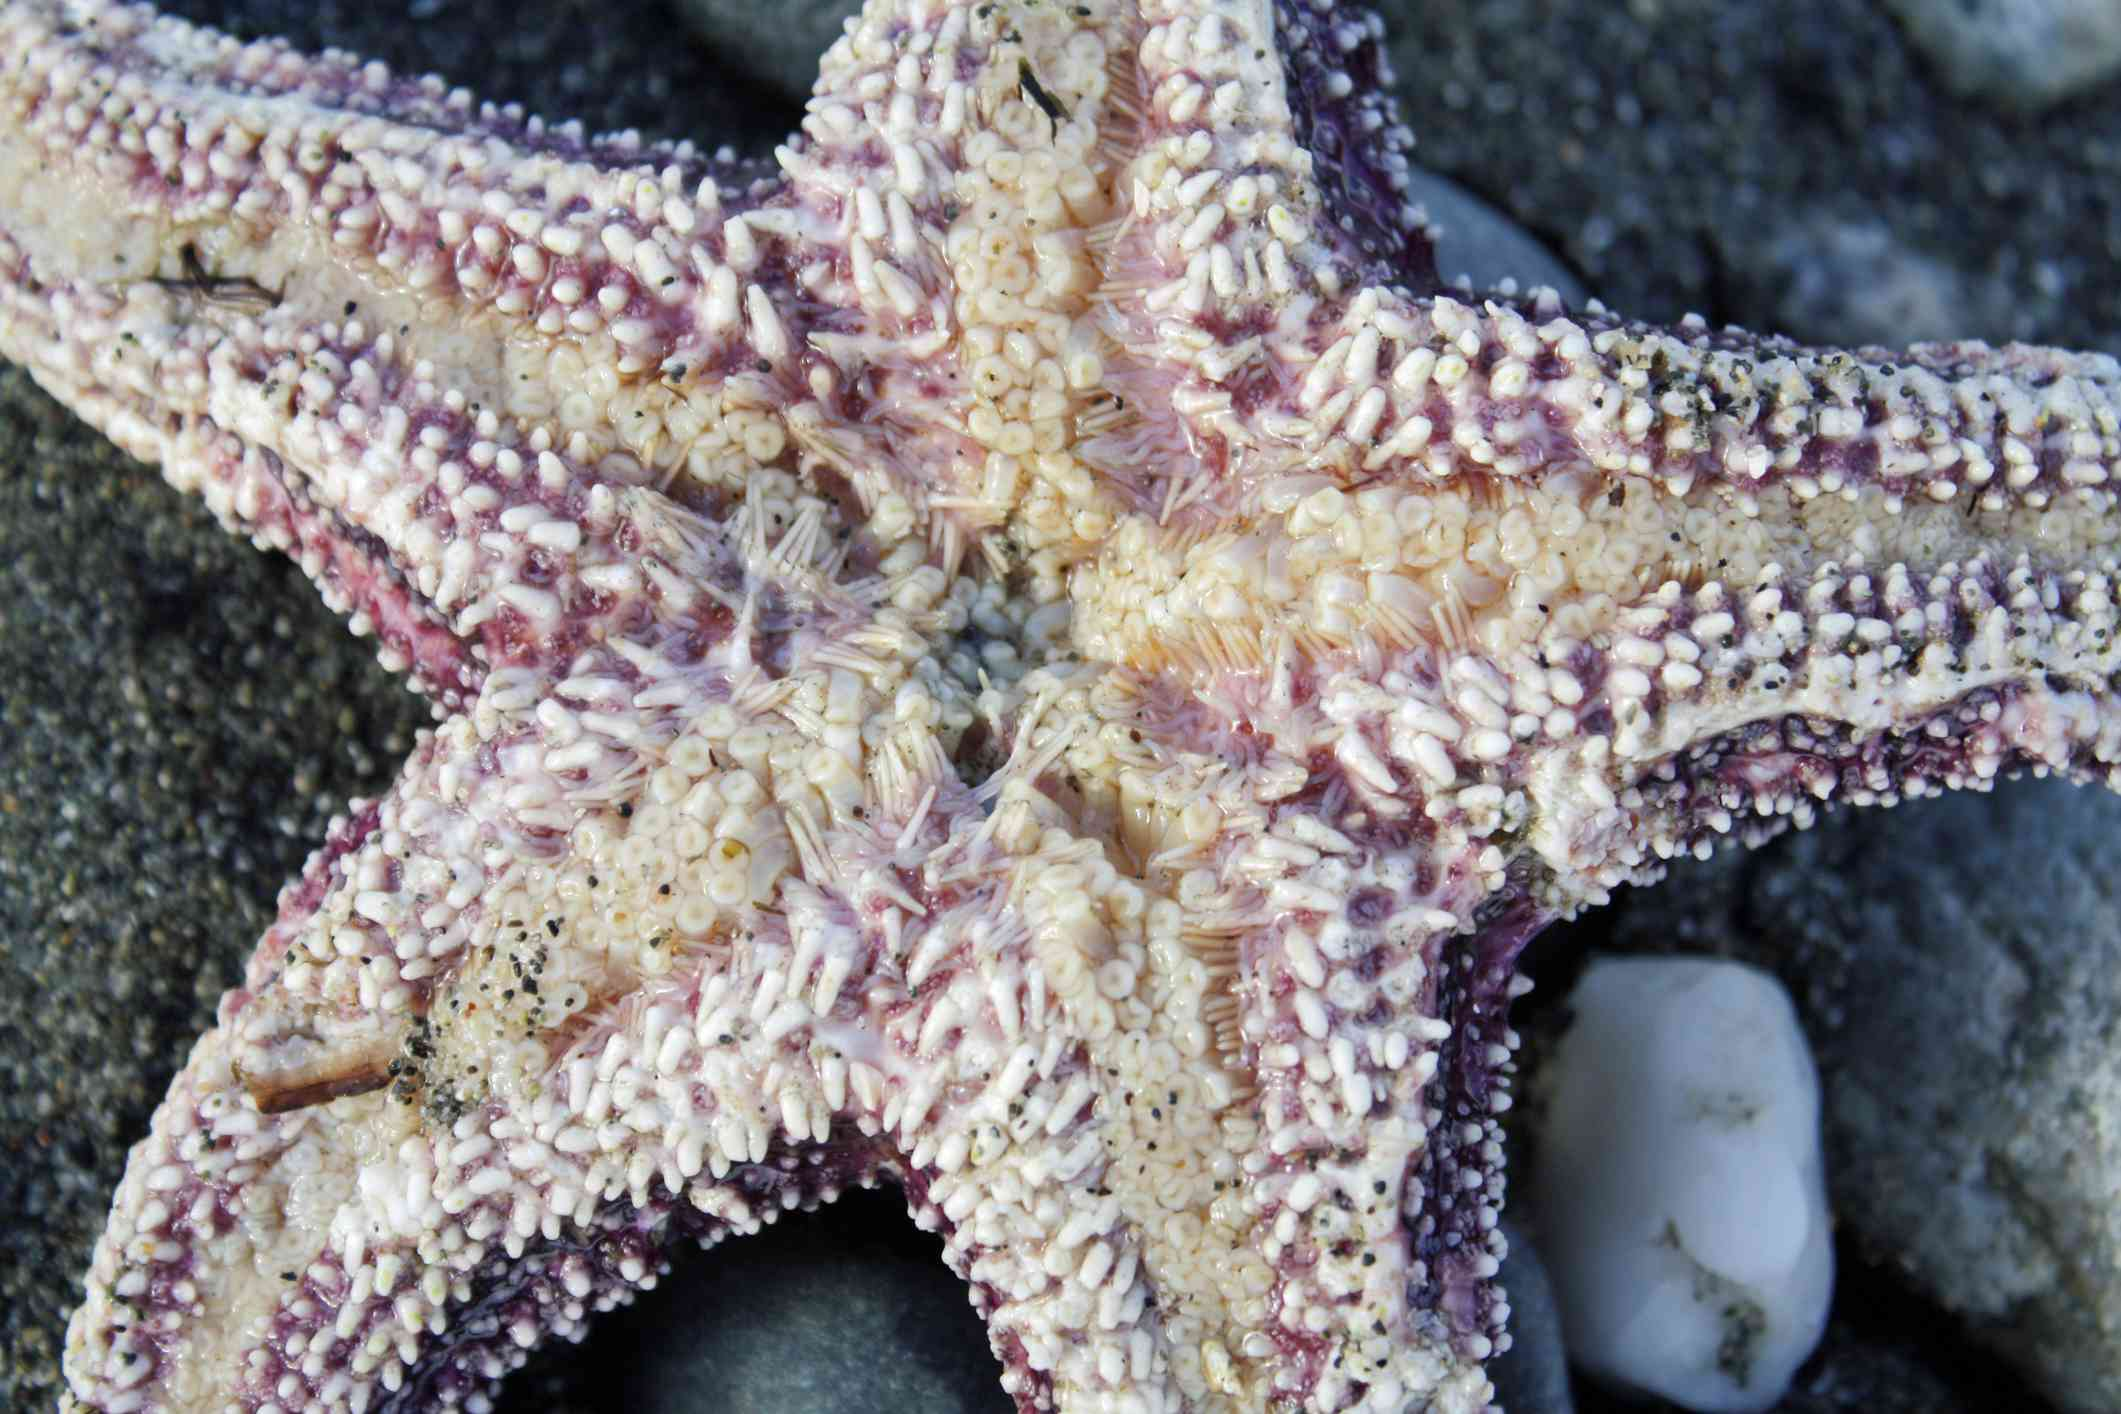 The underside of a sea star lying on rocks